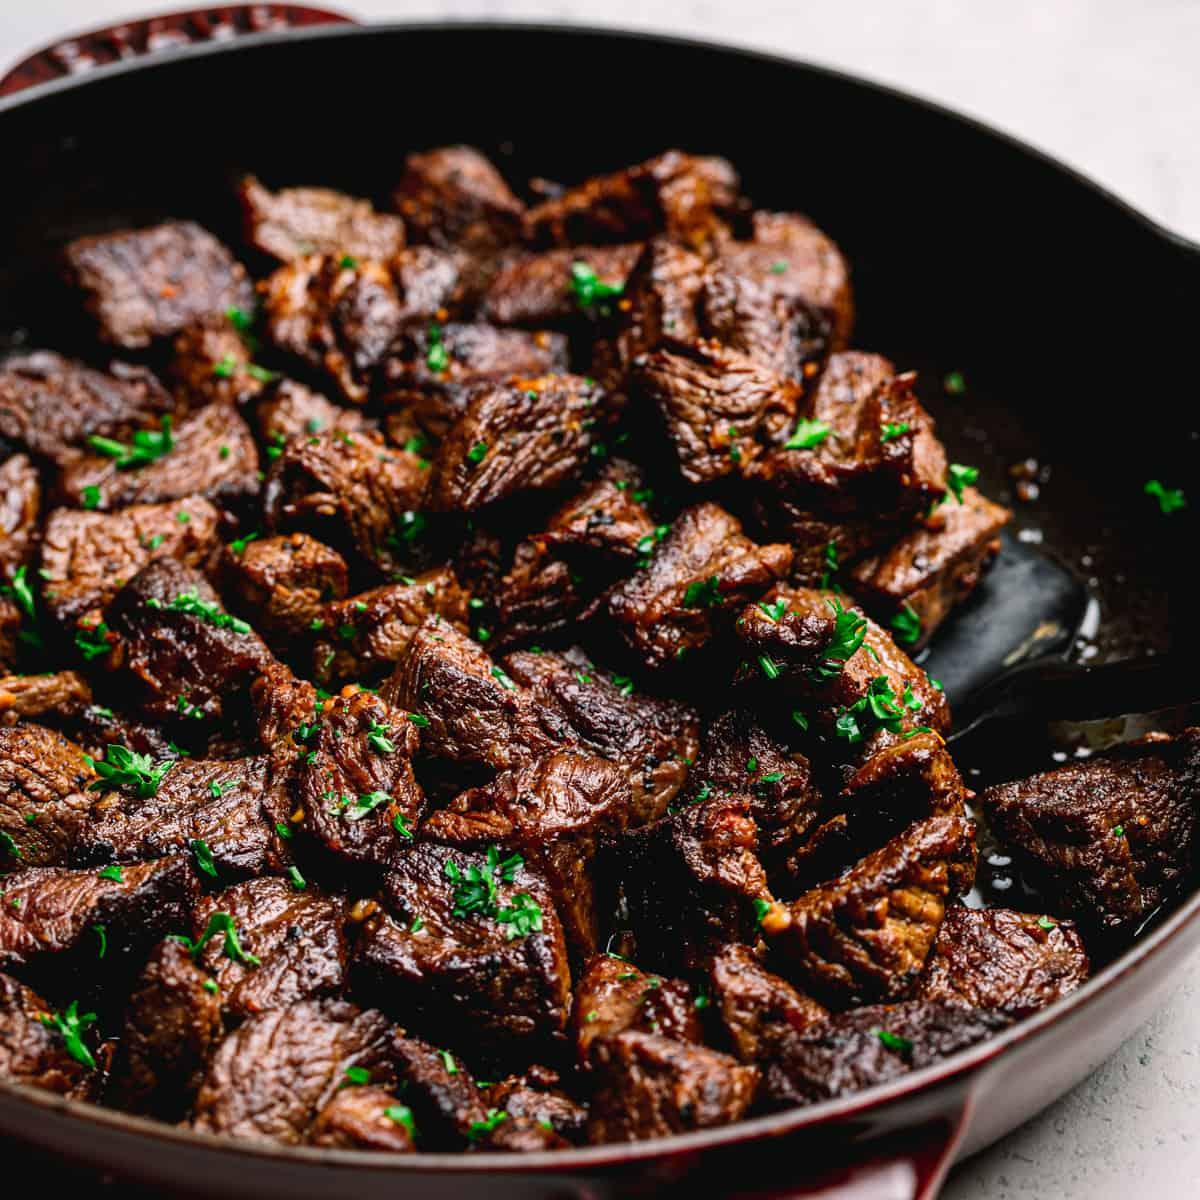 steak bites with garlic butter